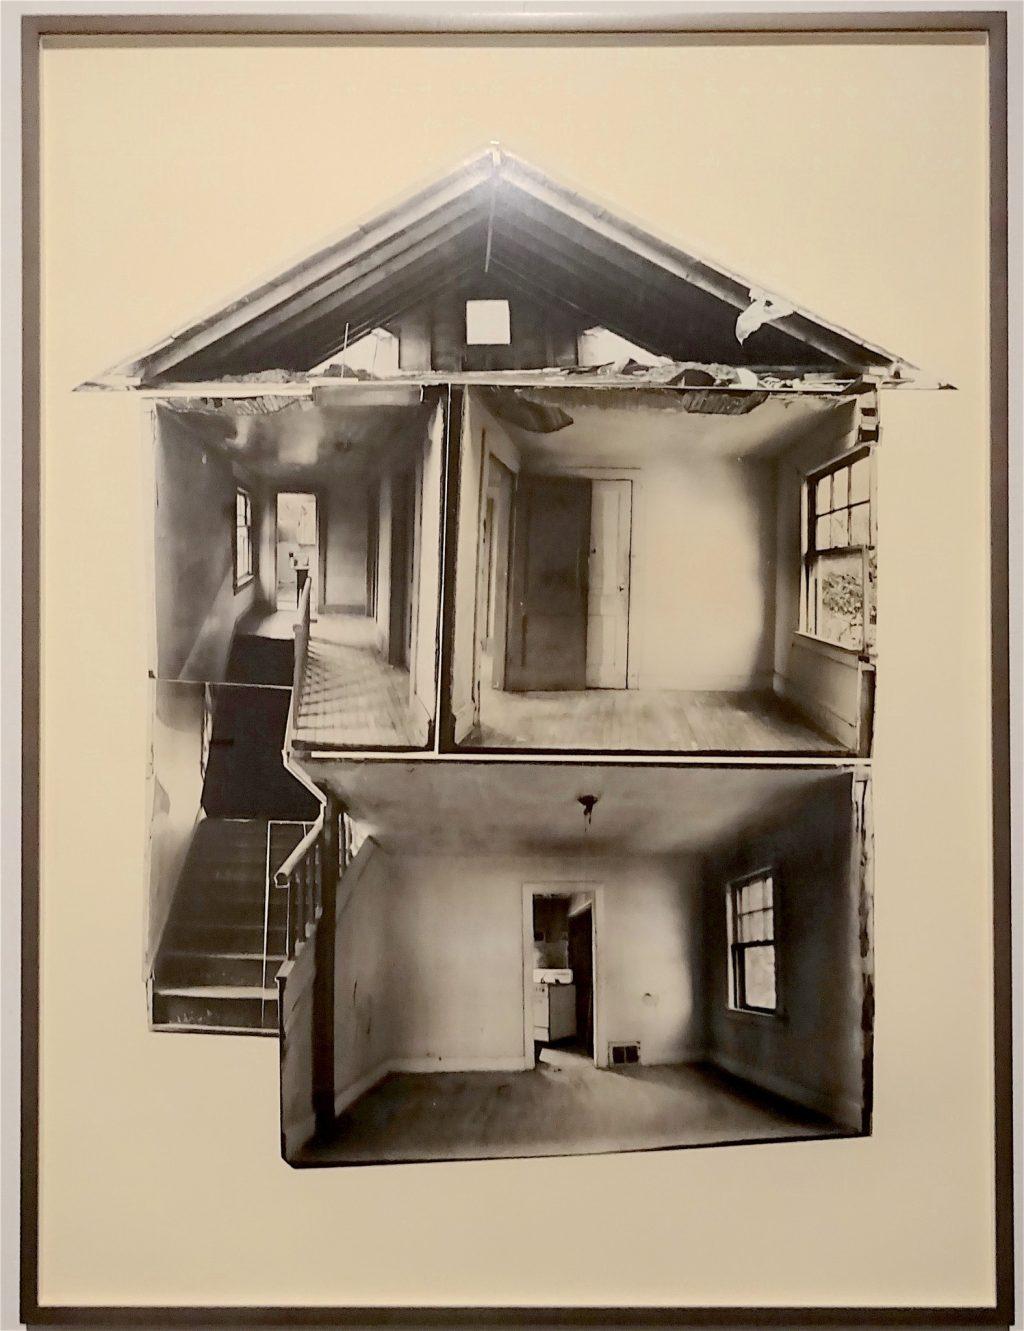 """ゴードン・マッタ・クラーク Gordon Matta-Clark """"Day's End"""" 1974, 5 gelatin silver prints, collaged, Courtesy The Estate of Gordon Matta-Clark and David Zwirner, New York / London / Hongkong"""